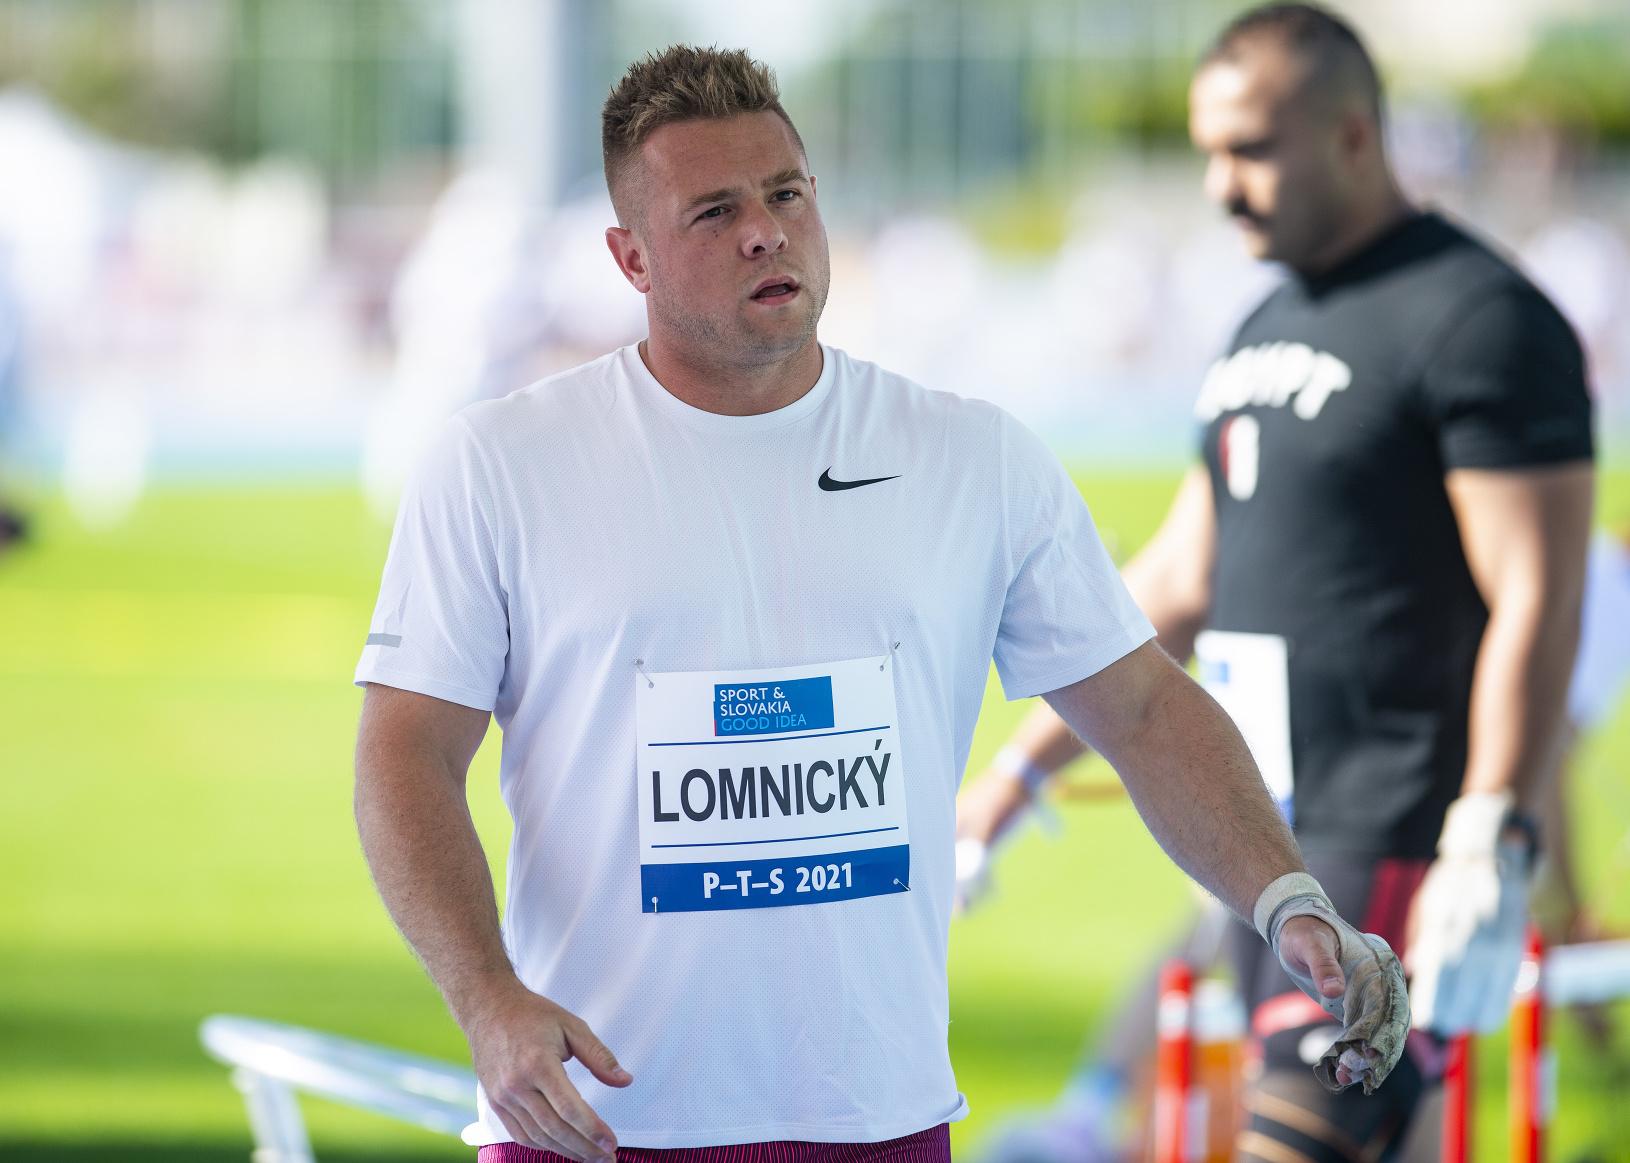 Slovenský kladivár Marcel Lomnický